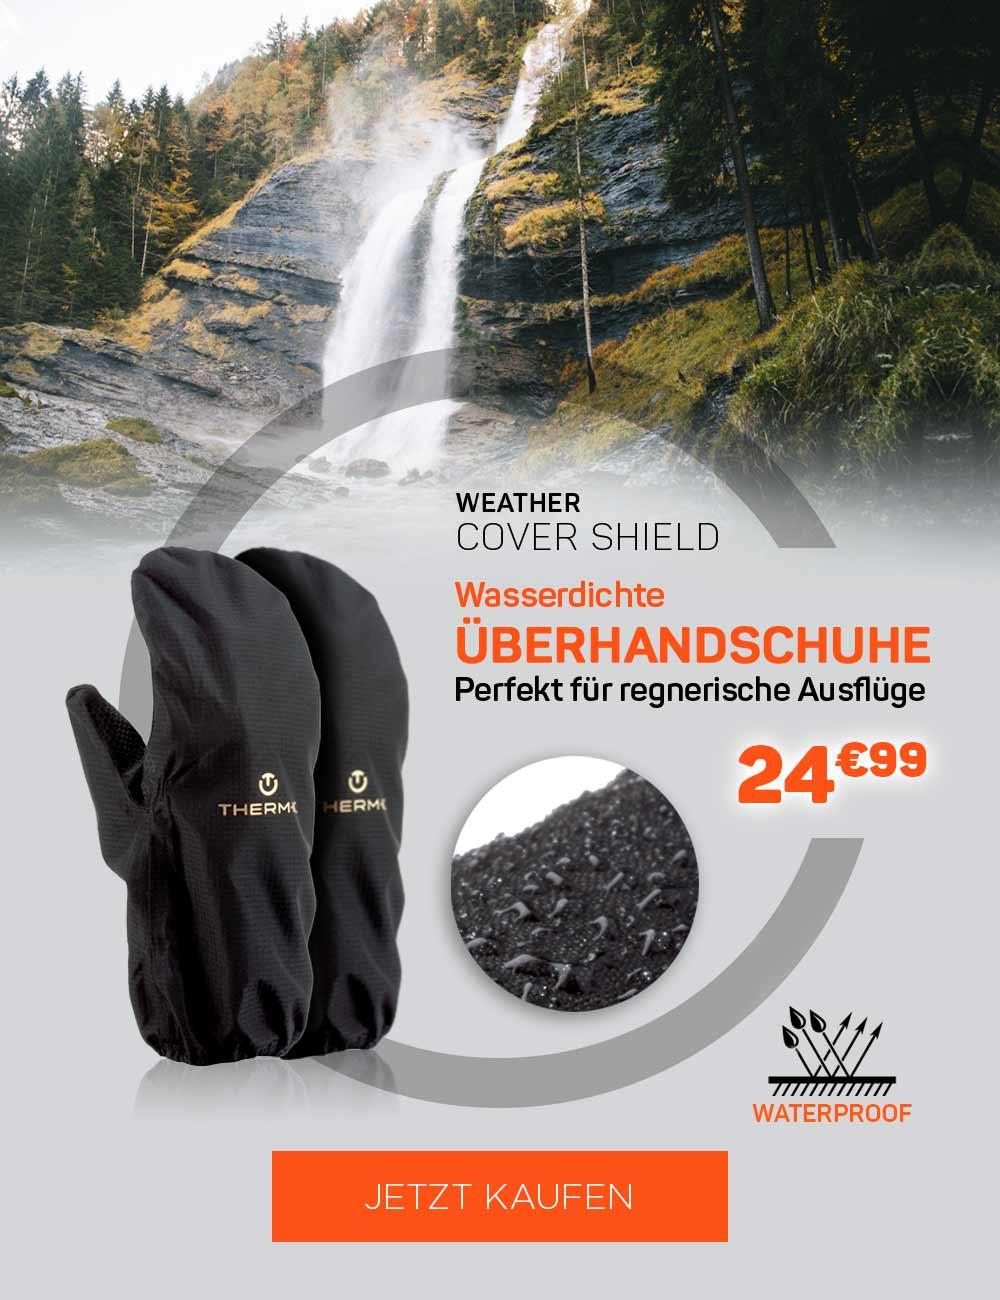 Wasserdichte Überhandschuhe, perfekt für regnerische Ausflüge